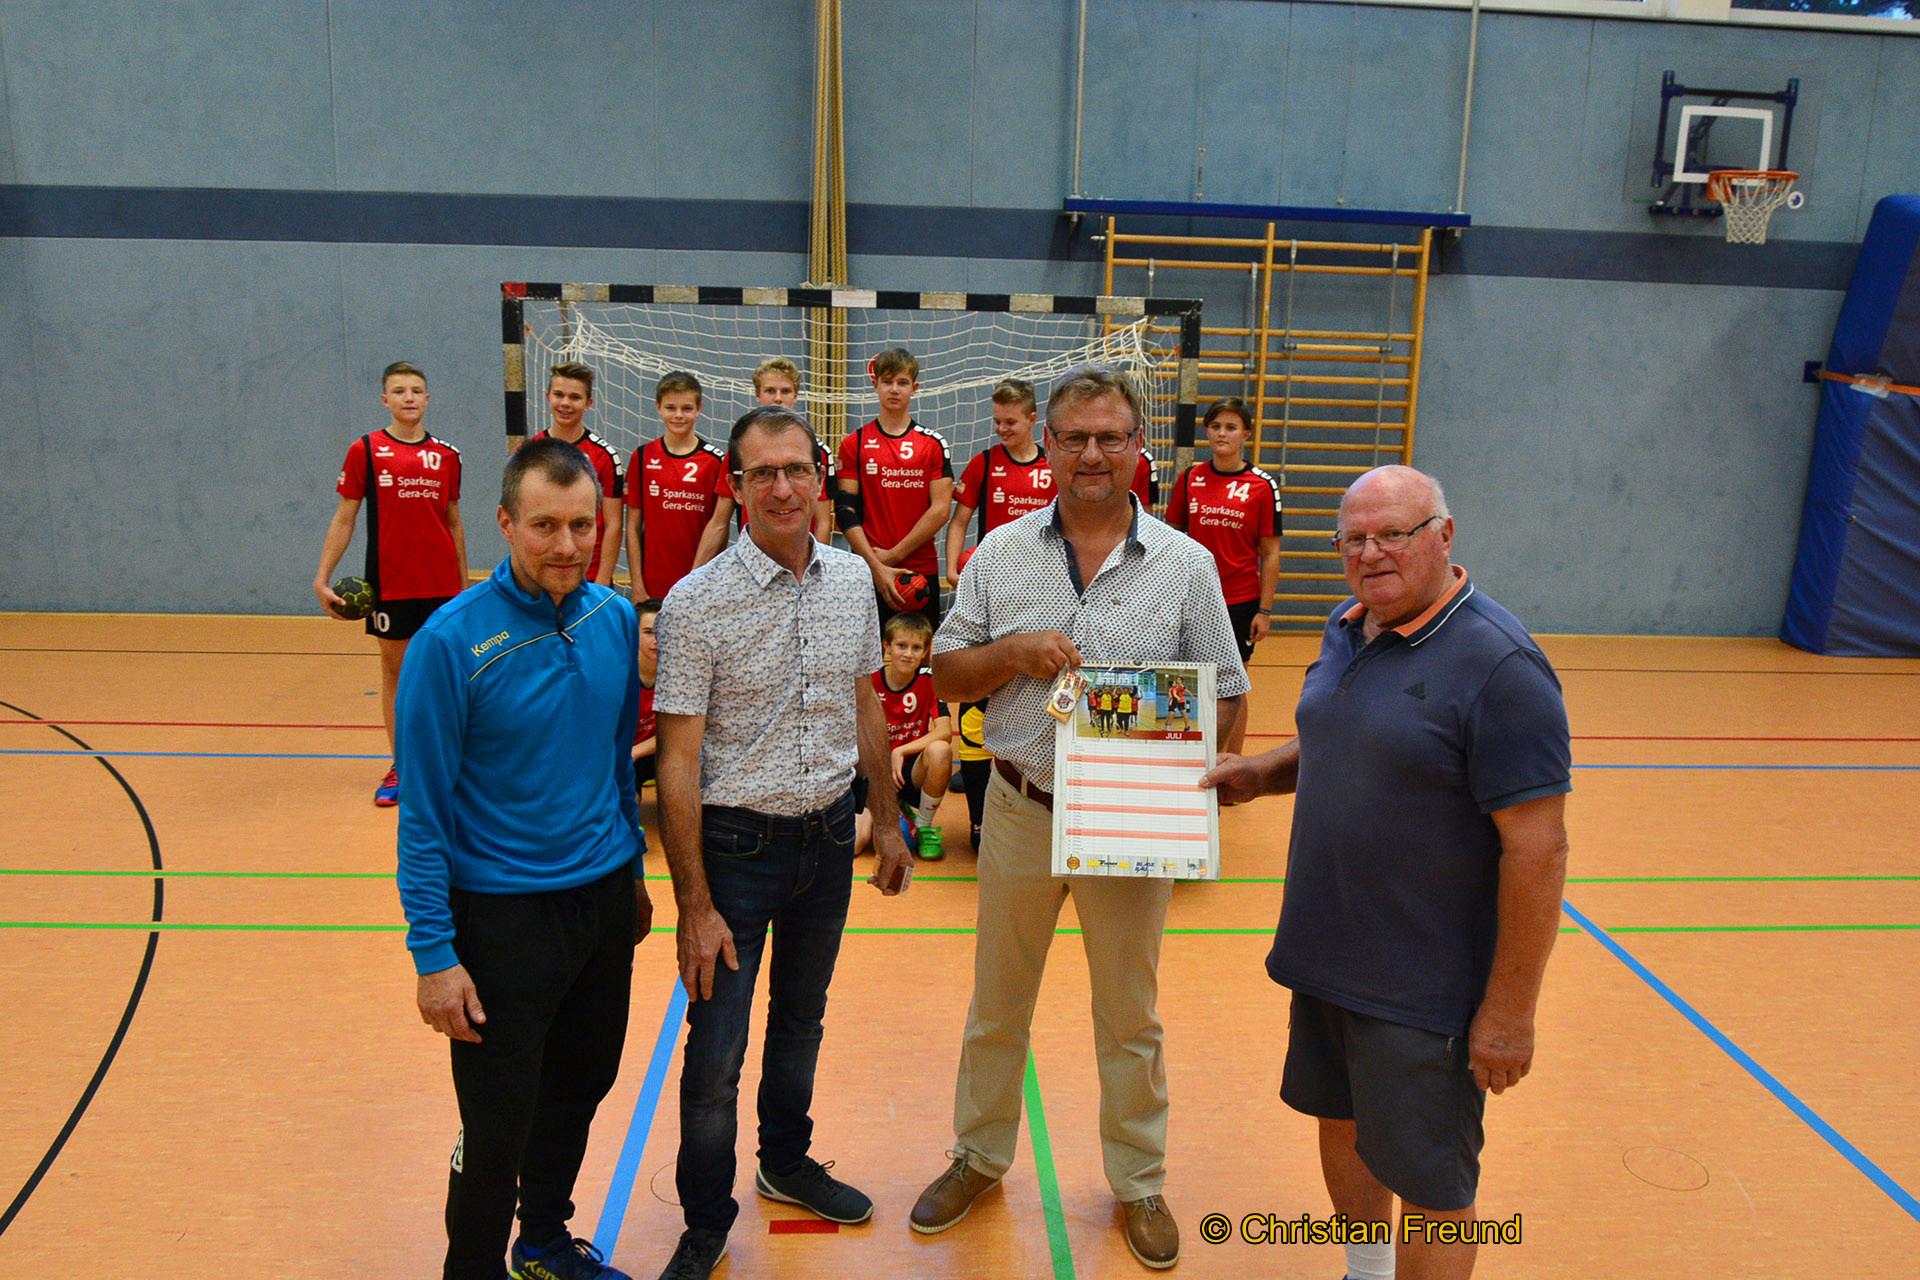 Lions-Vorstandsmitglied Sven Heisig (3.von links) und Jörg Hierold (2. von links) übergeben Trainer Gerwin Bölke (rechts) und Co-Trainer Thomas Peschke die Spende.